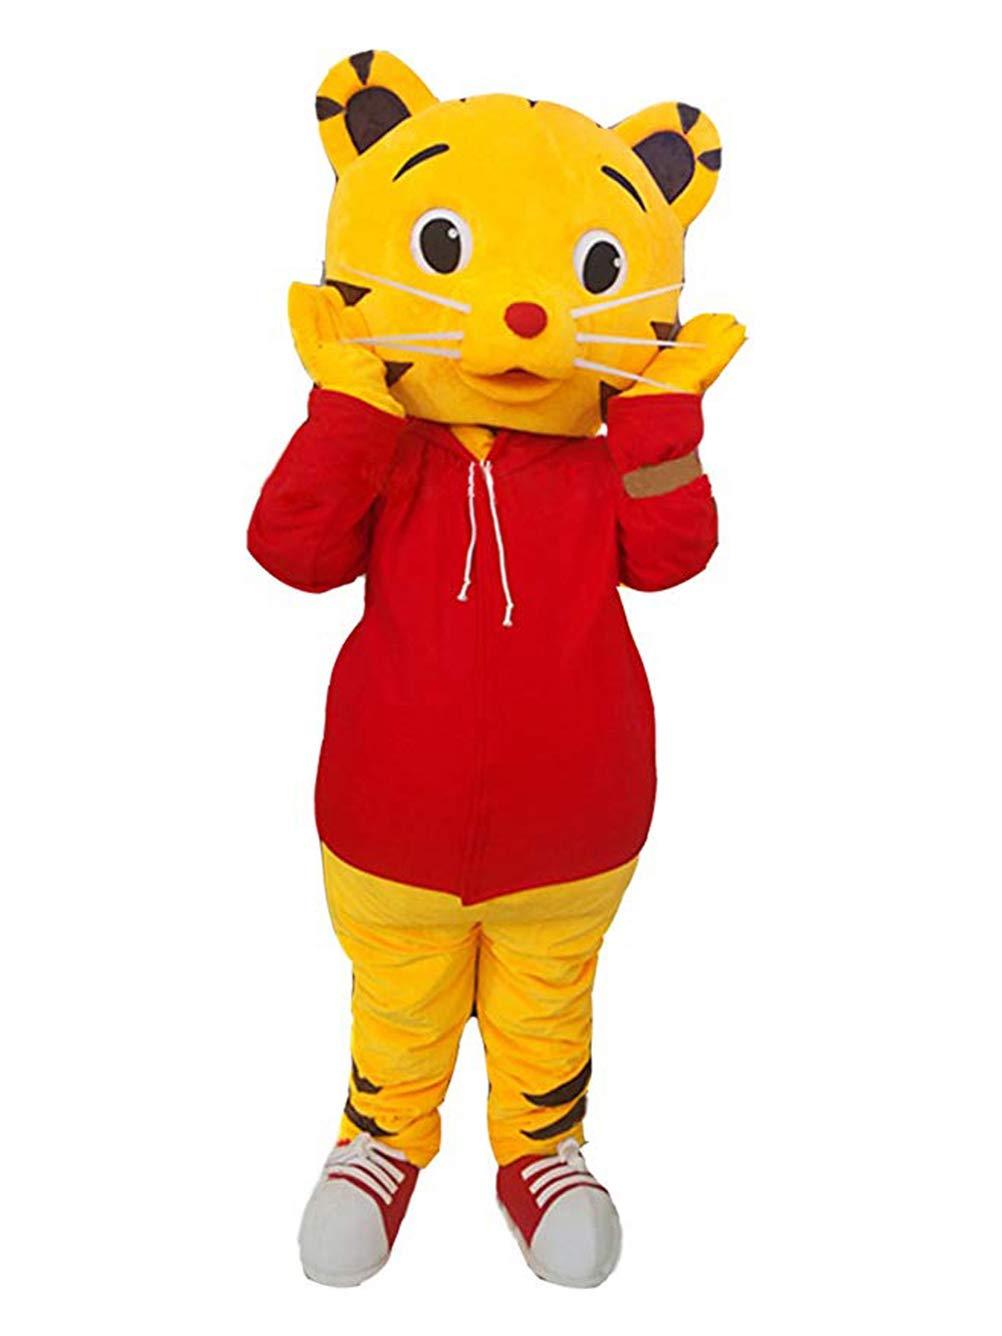 SANEYDER - Disfraz de Tigre para Cosplay: Amazon.es: Productos ...